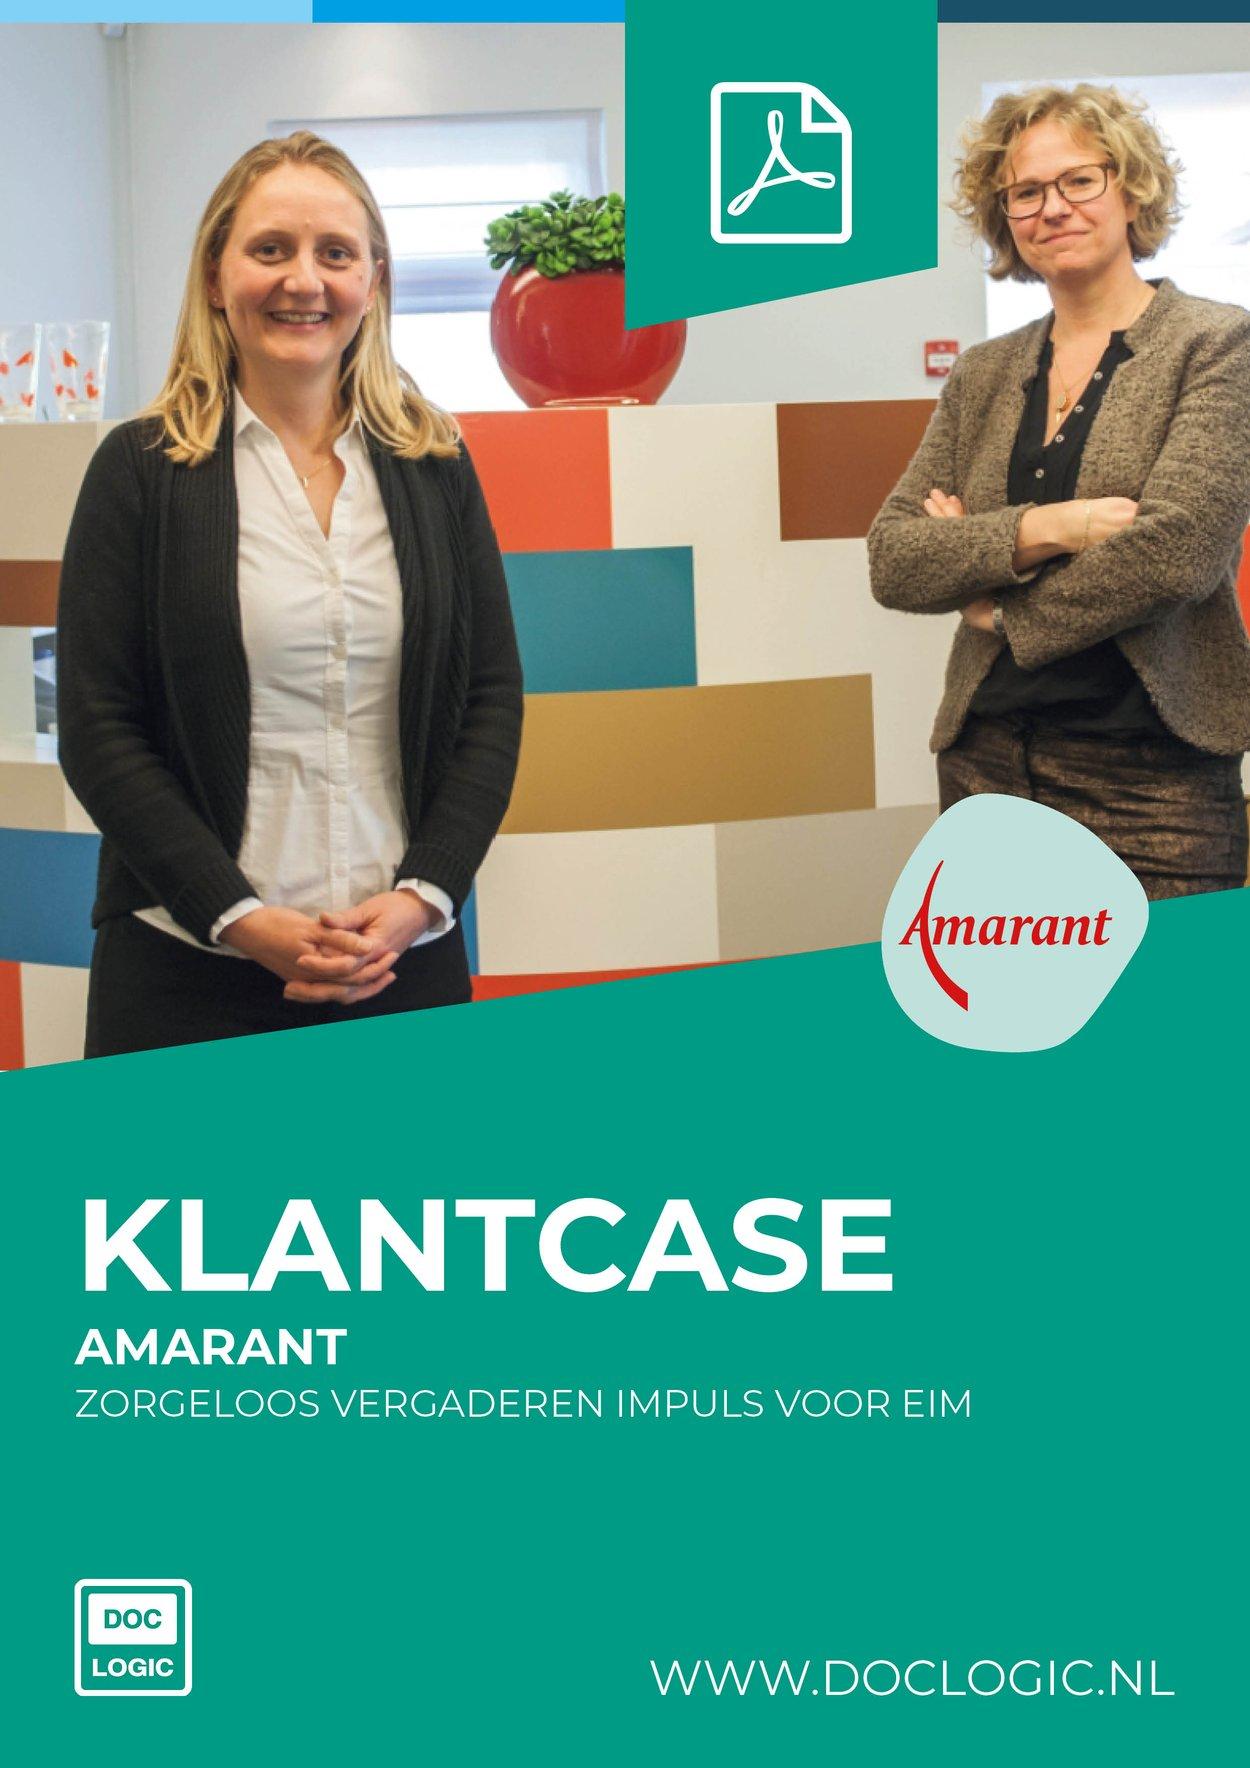 PDF_Klantcase_-_Amarant_Groep_Voorkant.jpg